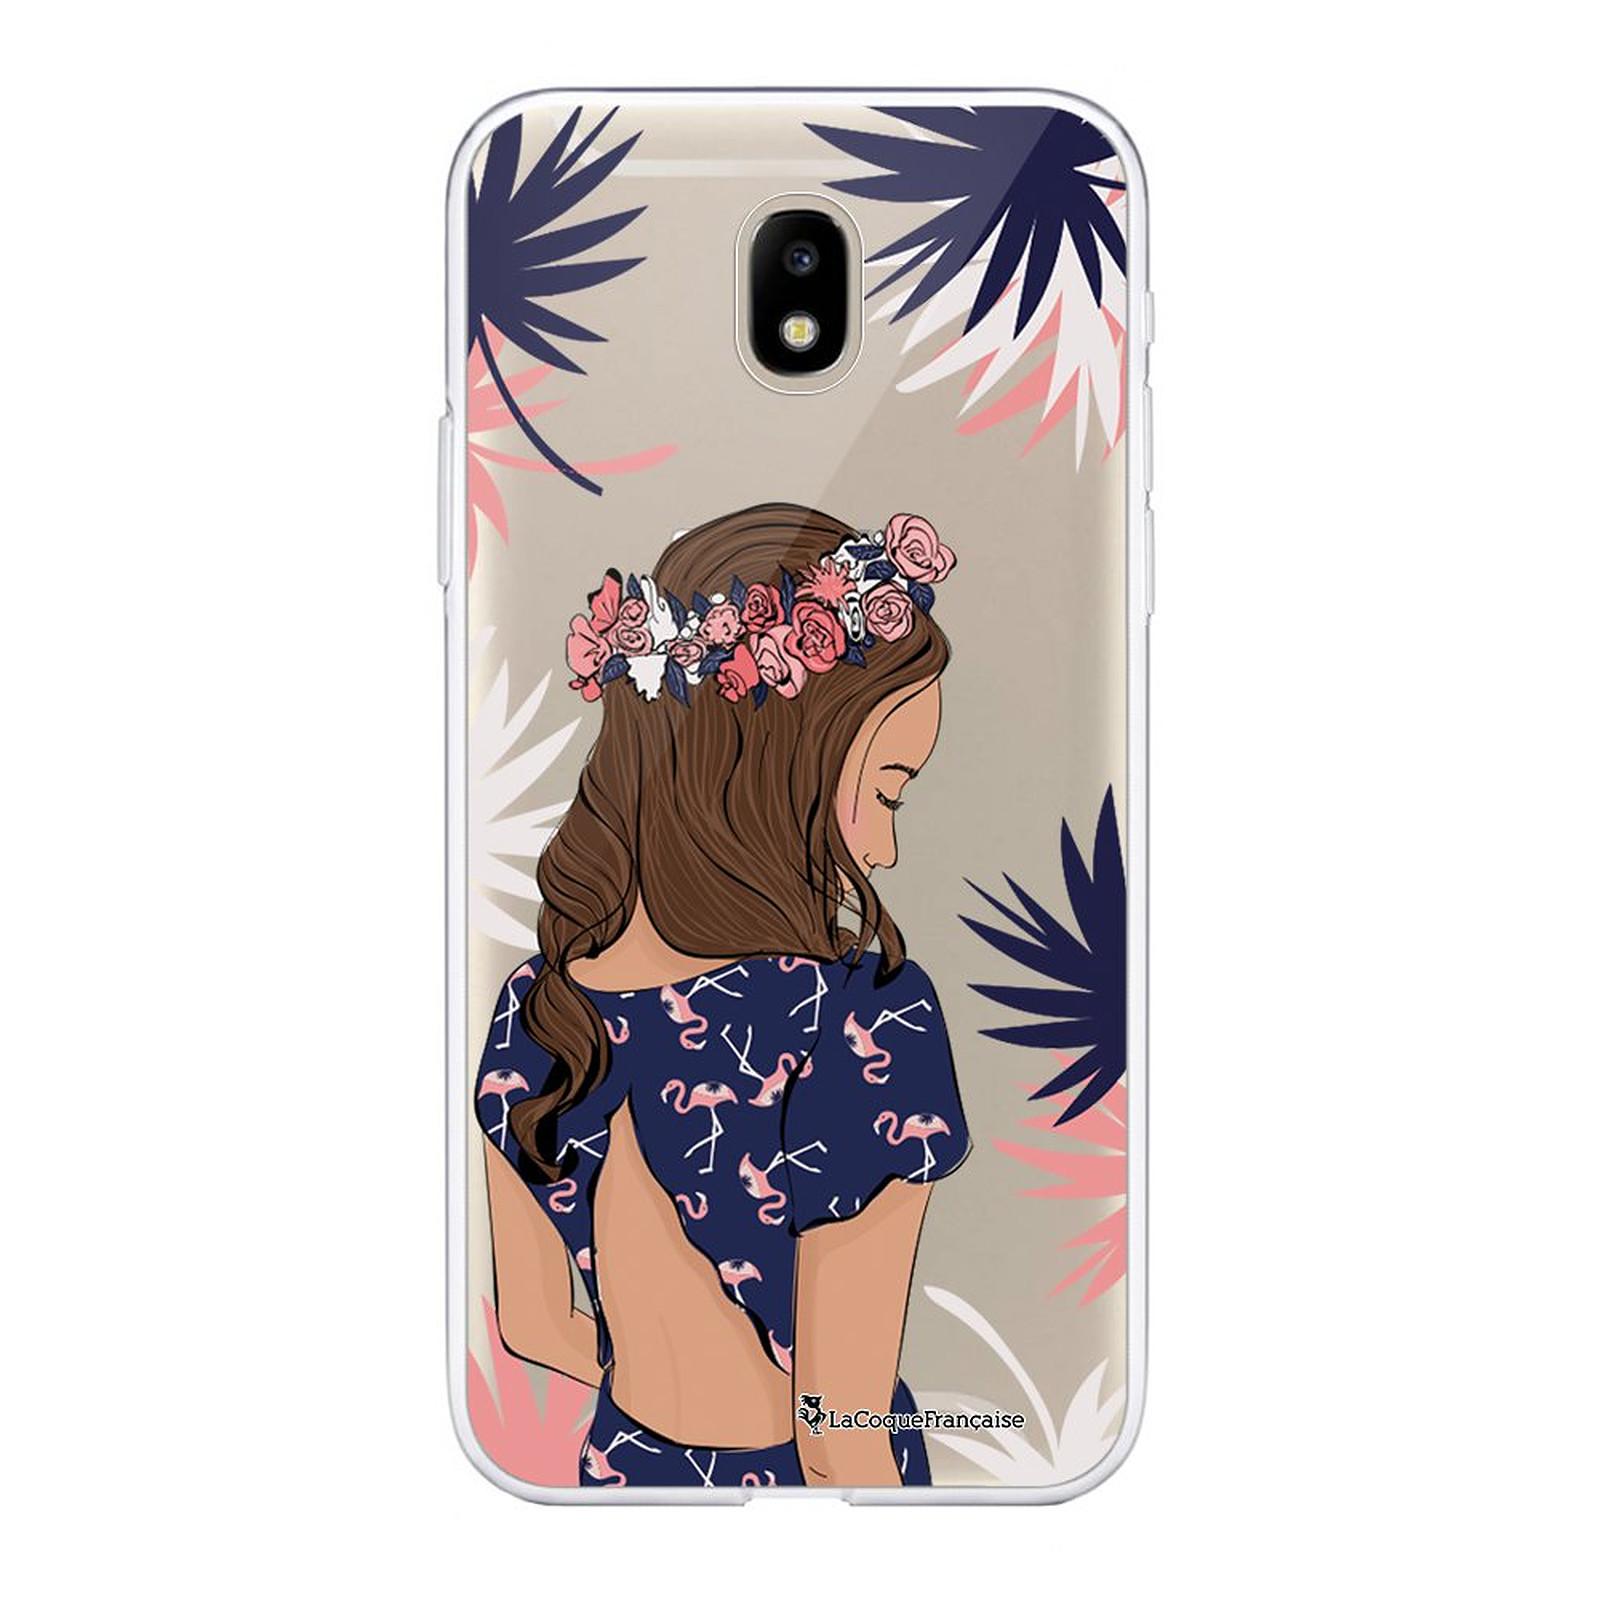 LA COQUE FRANCAISE Coque Samsung Galaxy J5 2017 souple transparente Couronne de fleurs - Coque téléphone LaCoqueFrançaise sur LDLC